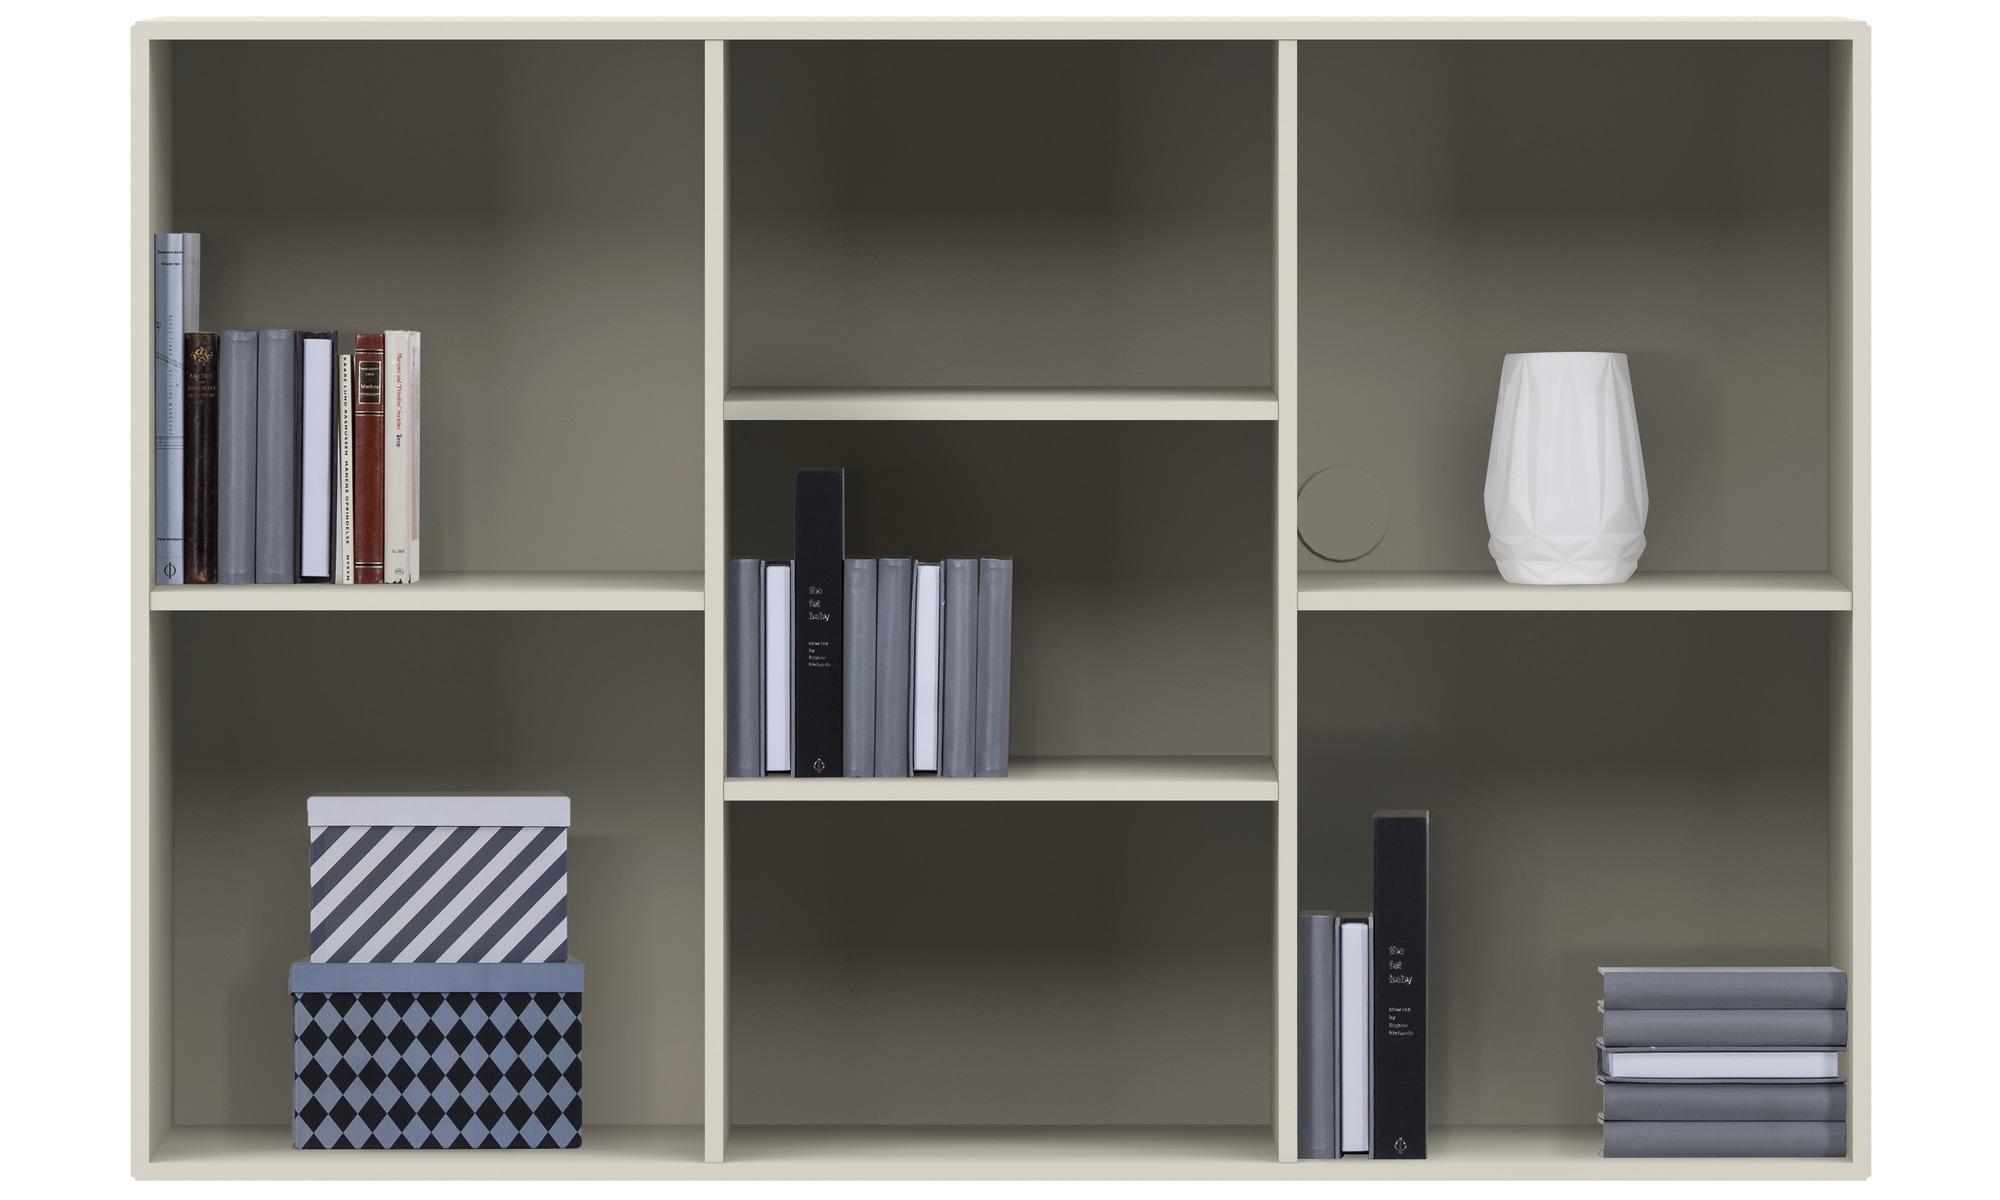 b cherschr nke como regal boconcept. Black Bedroom Furniture Sets. Home Design Ideas